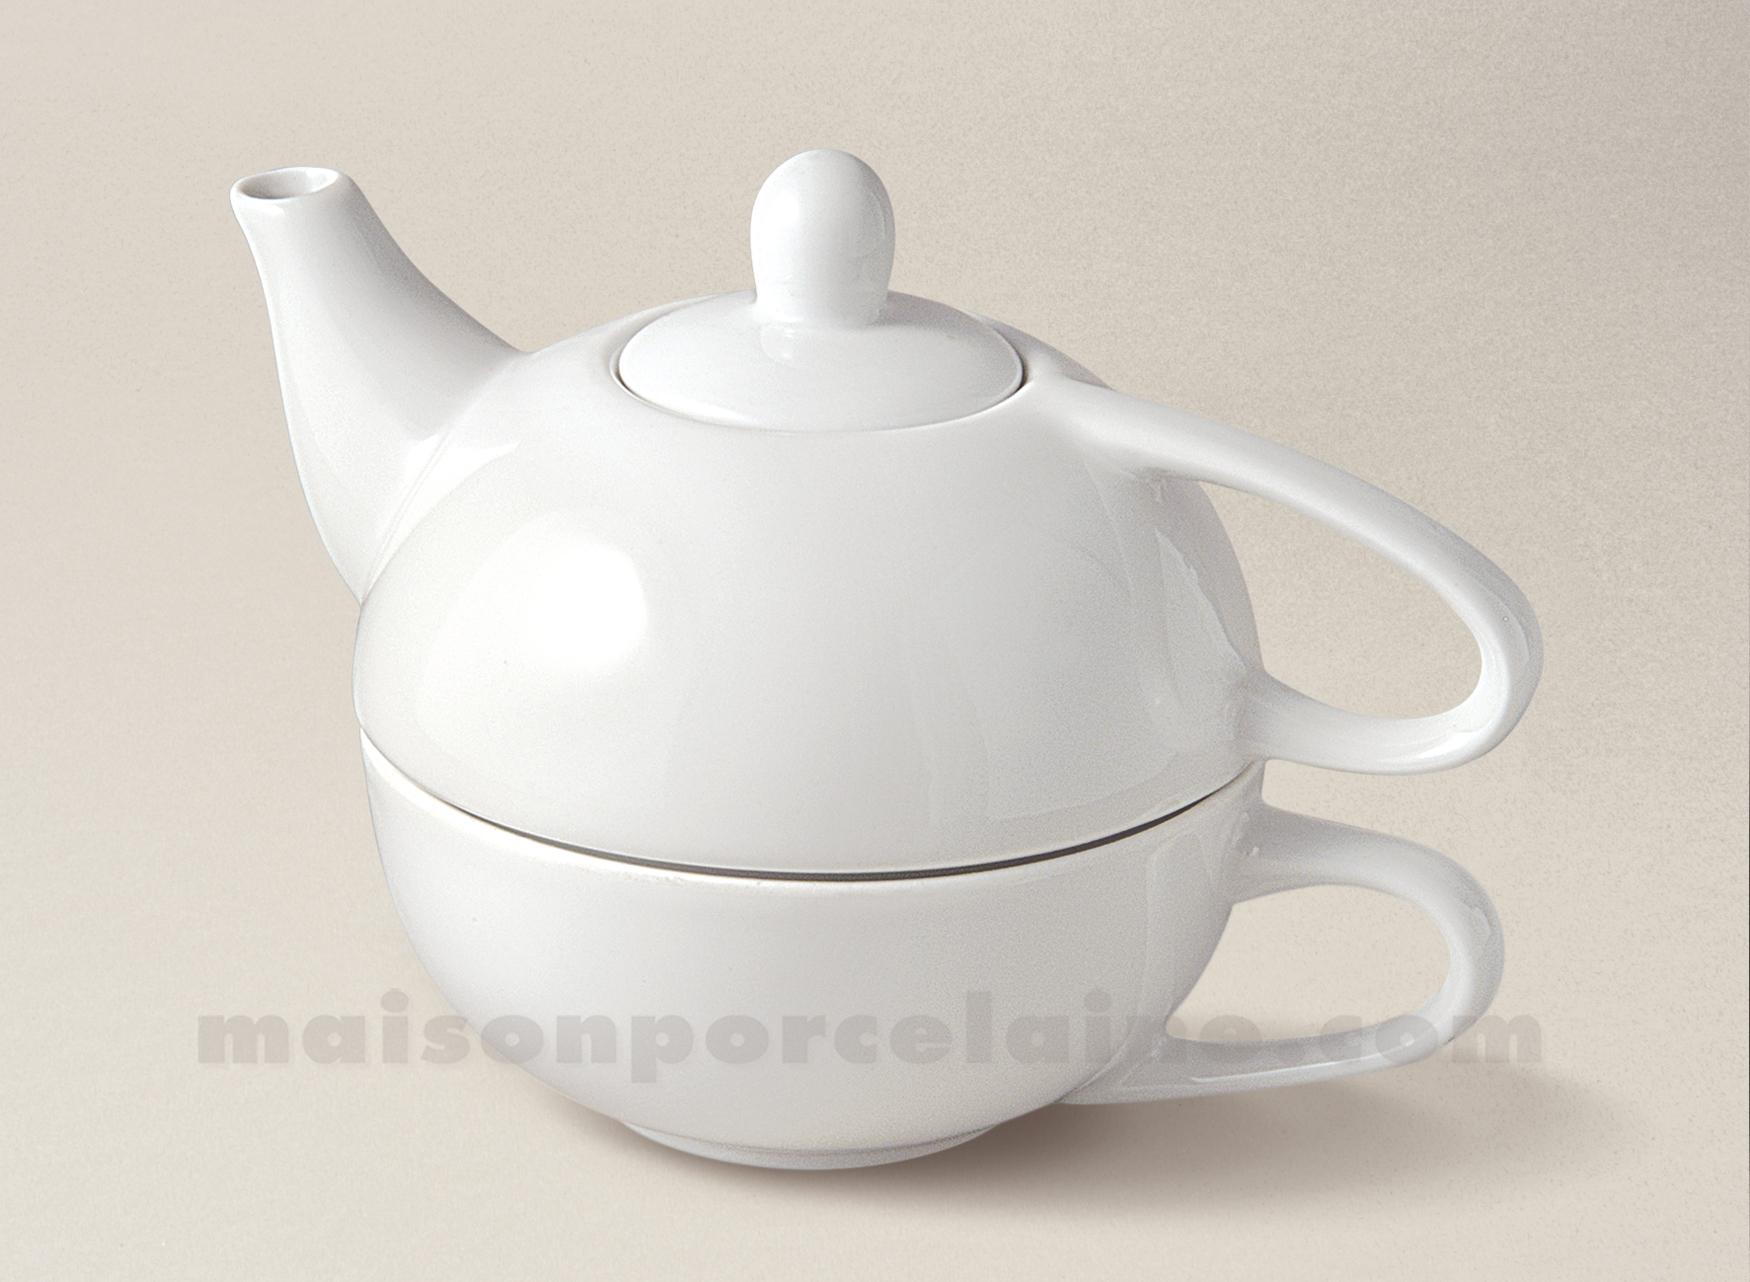 Egoiste porcelaine blanche gm sans soucoupe 12x14 45 32cl maison de la po - La porcelaine blanche ...